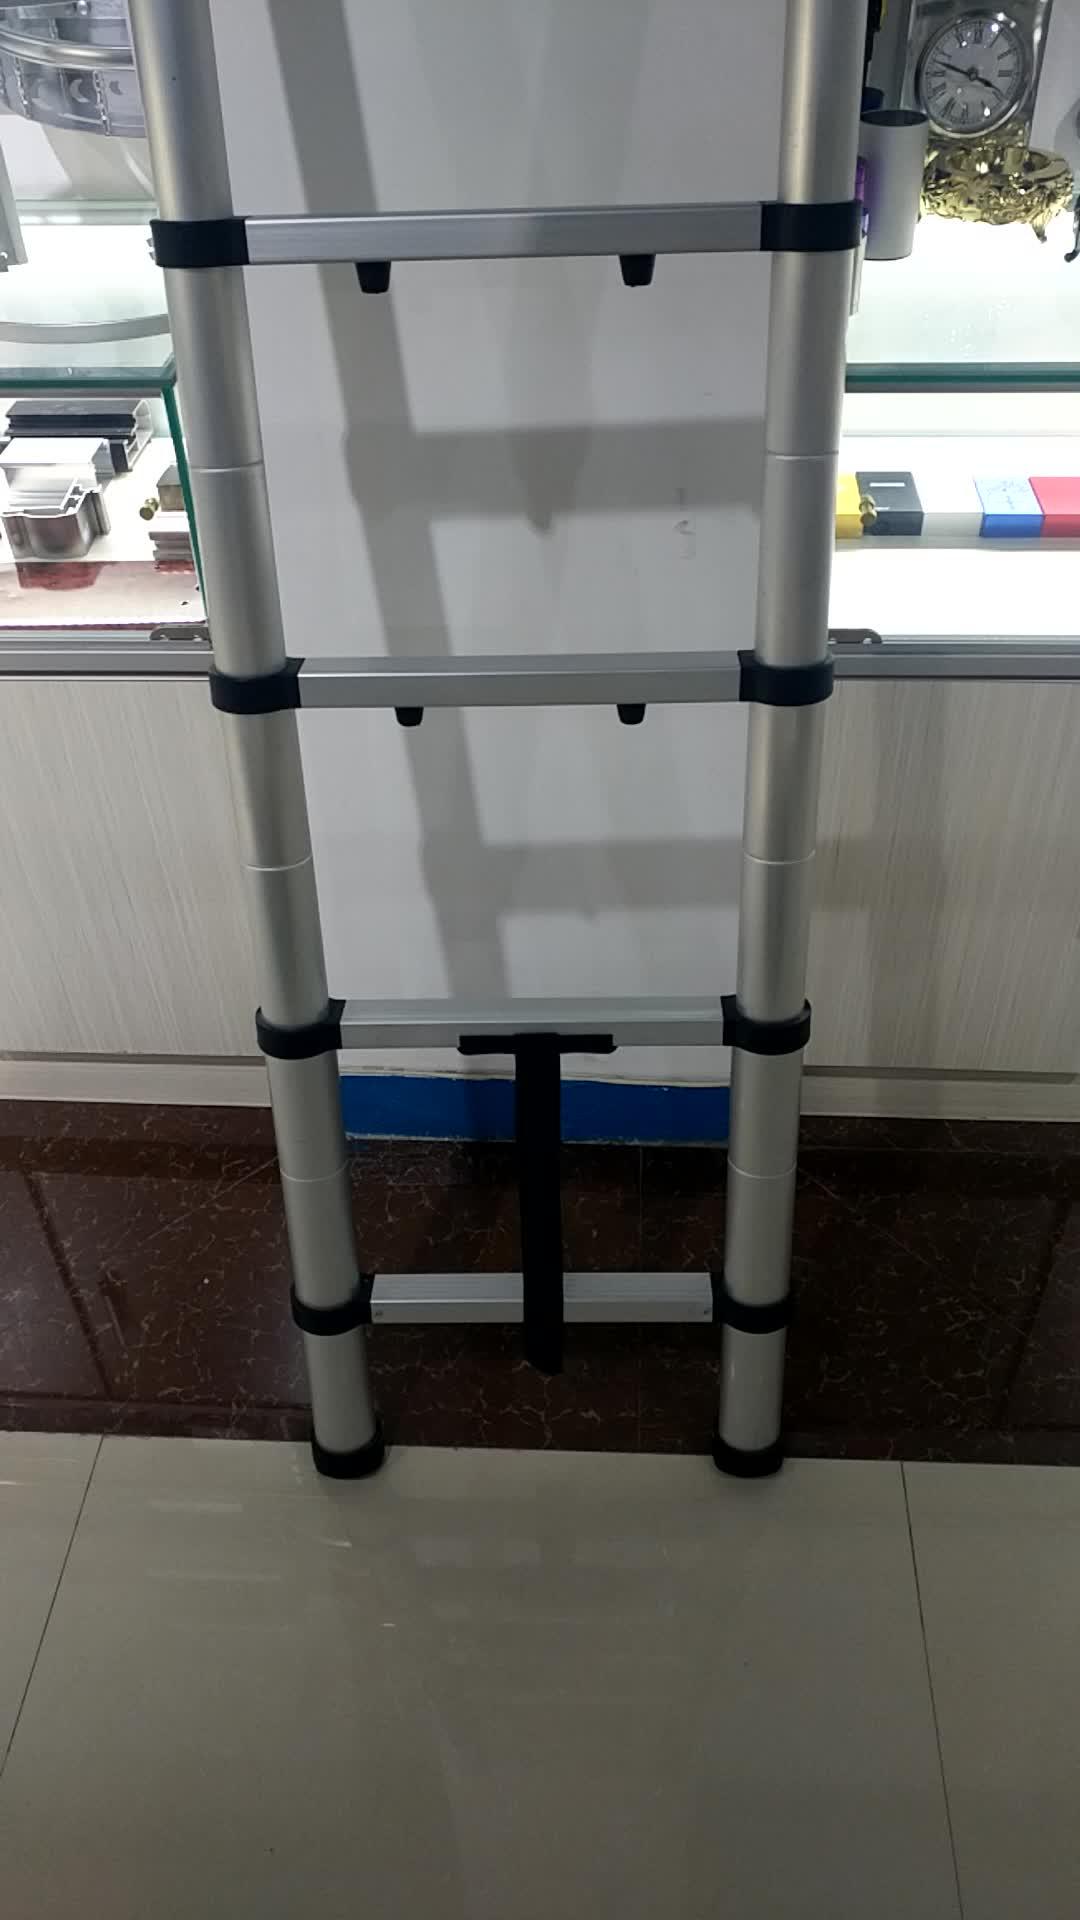 पोर्टेबल और foldable एल्यूमीनियम दूरबीन सीढ़ी 3.8 m (12'5 फुट) EN131 प्रमाणित